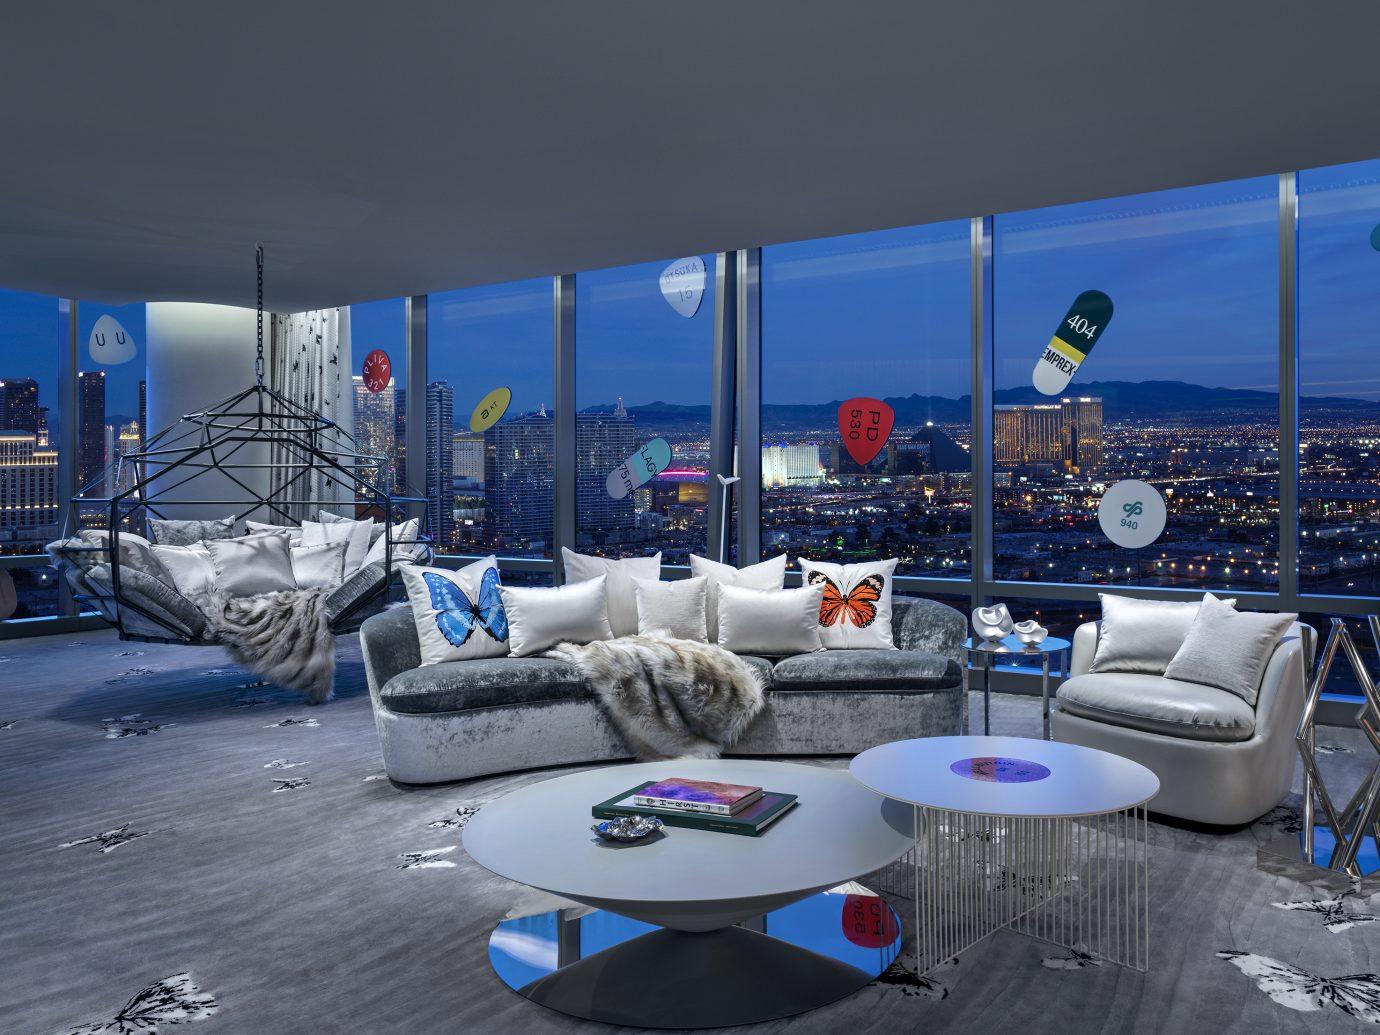 Damien Hirst designed Empathy Suite, Palms Casino Resort Las Vegas